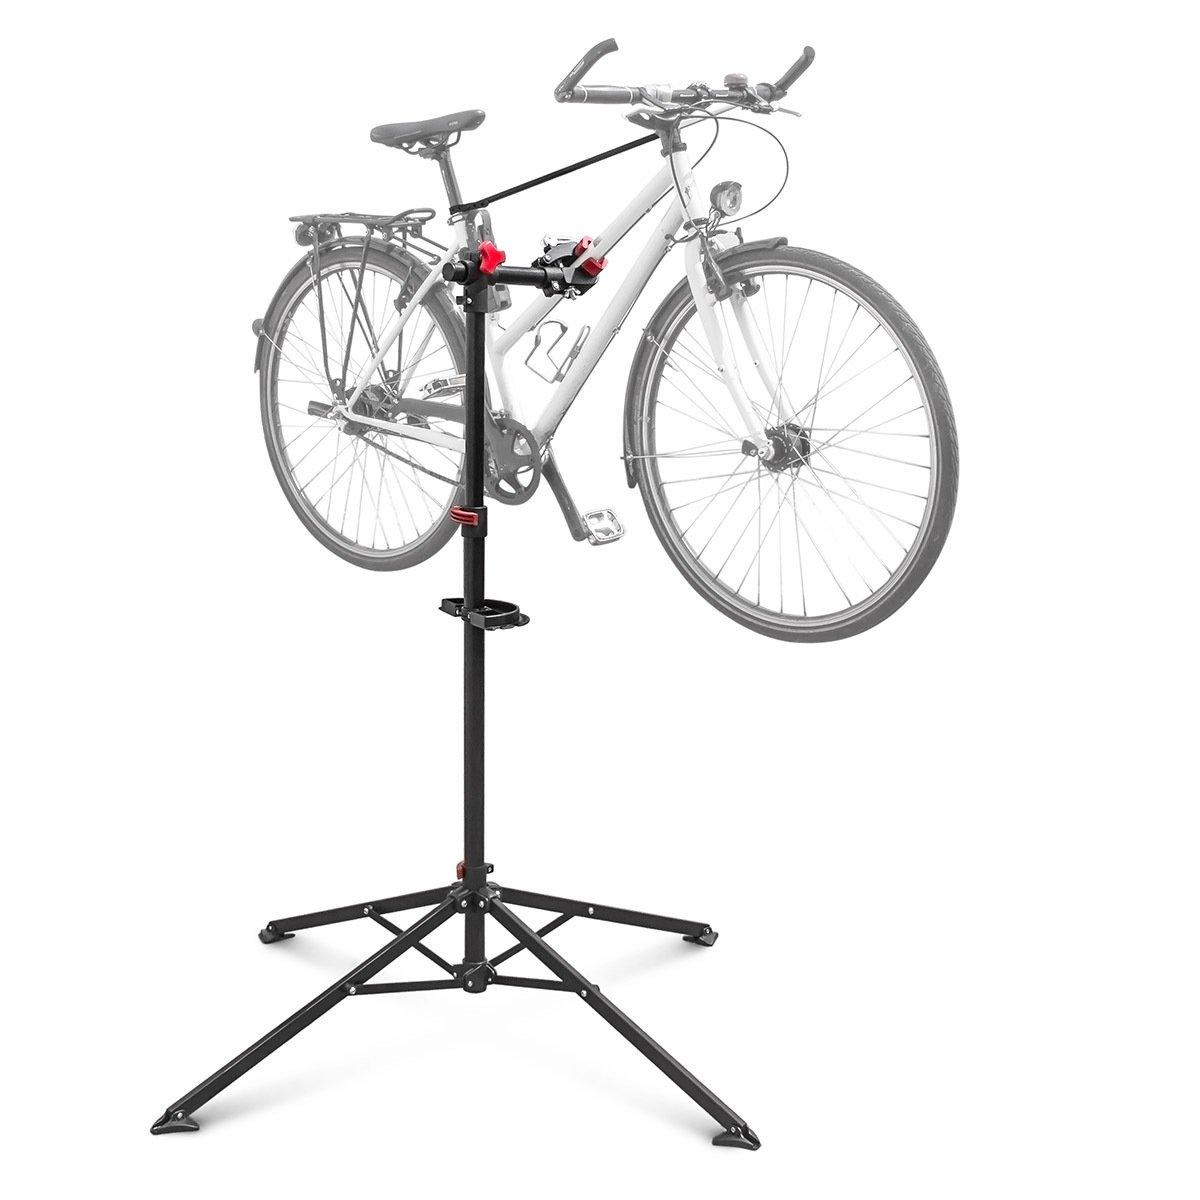 fahrrad montagest nder ratgeber und vergleich 2019. Black Bedroom Furniture Sets. Home Design Ideas